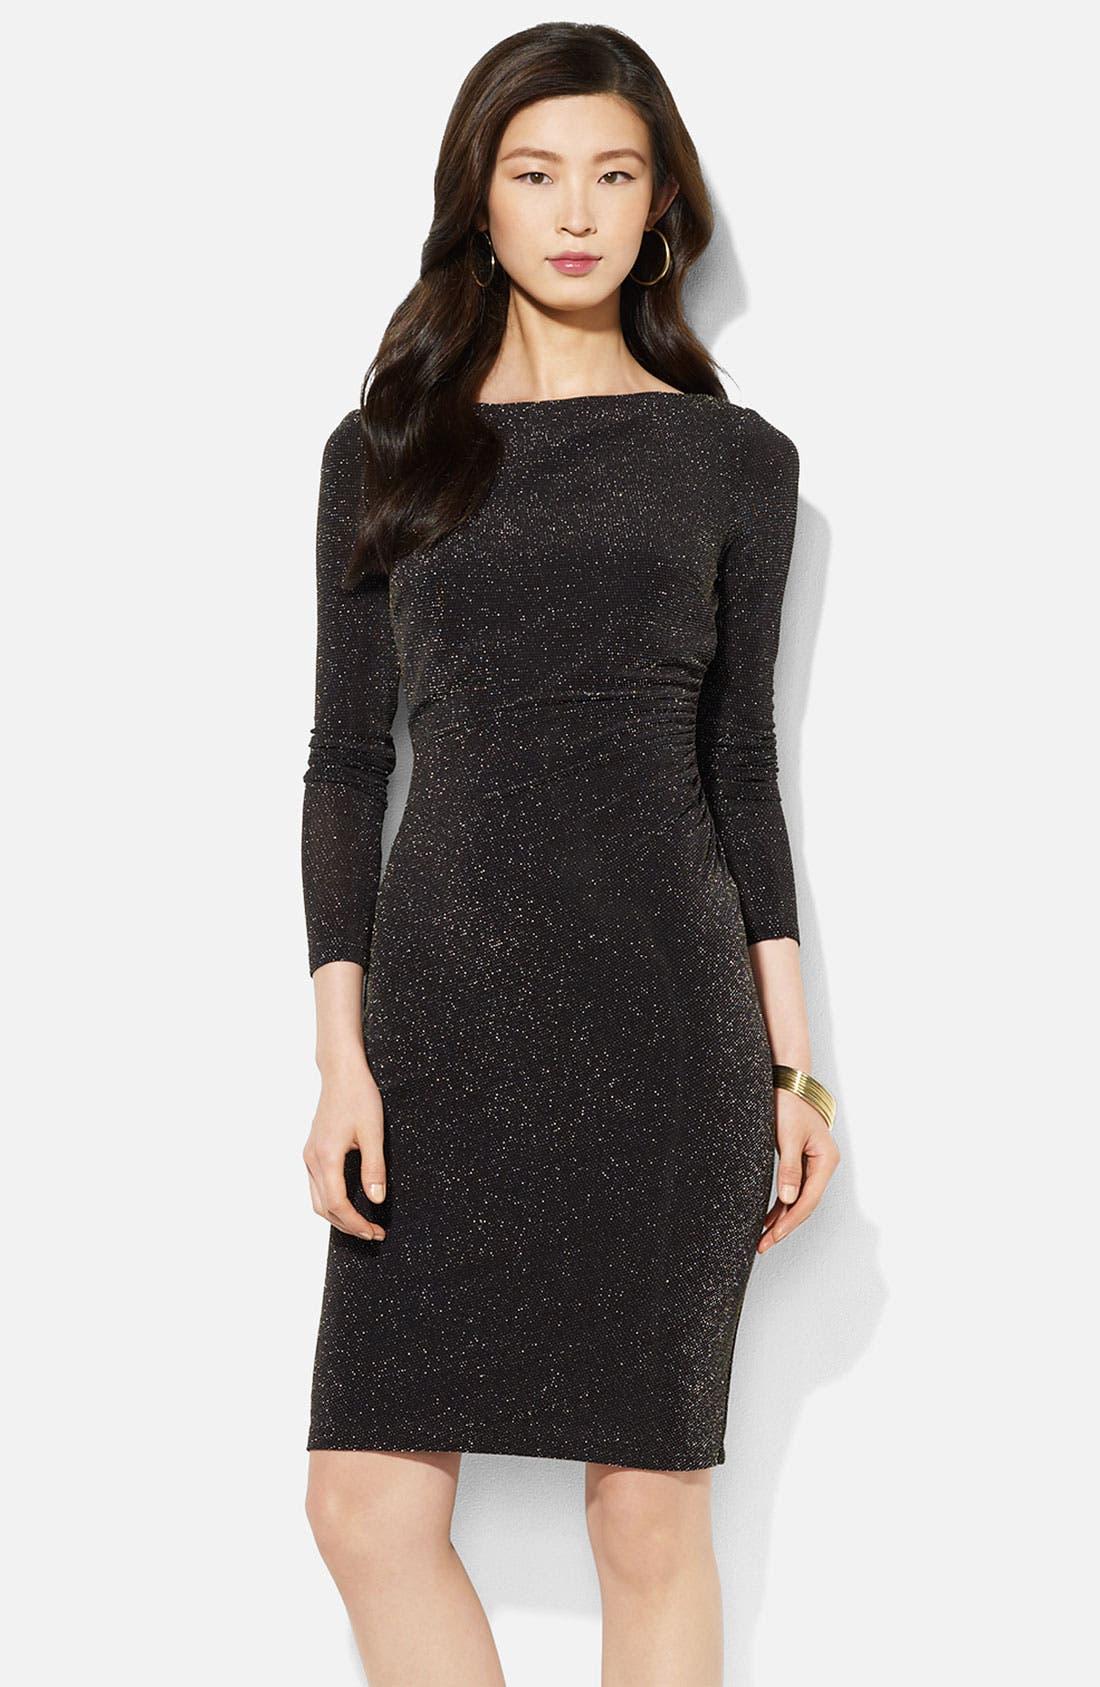 Alternate Image 1 Selected - Lauren Ralph Lauren Boatneck Metallic Sheath Dress